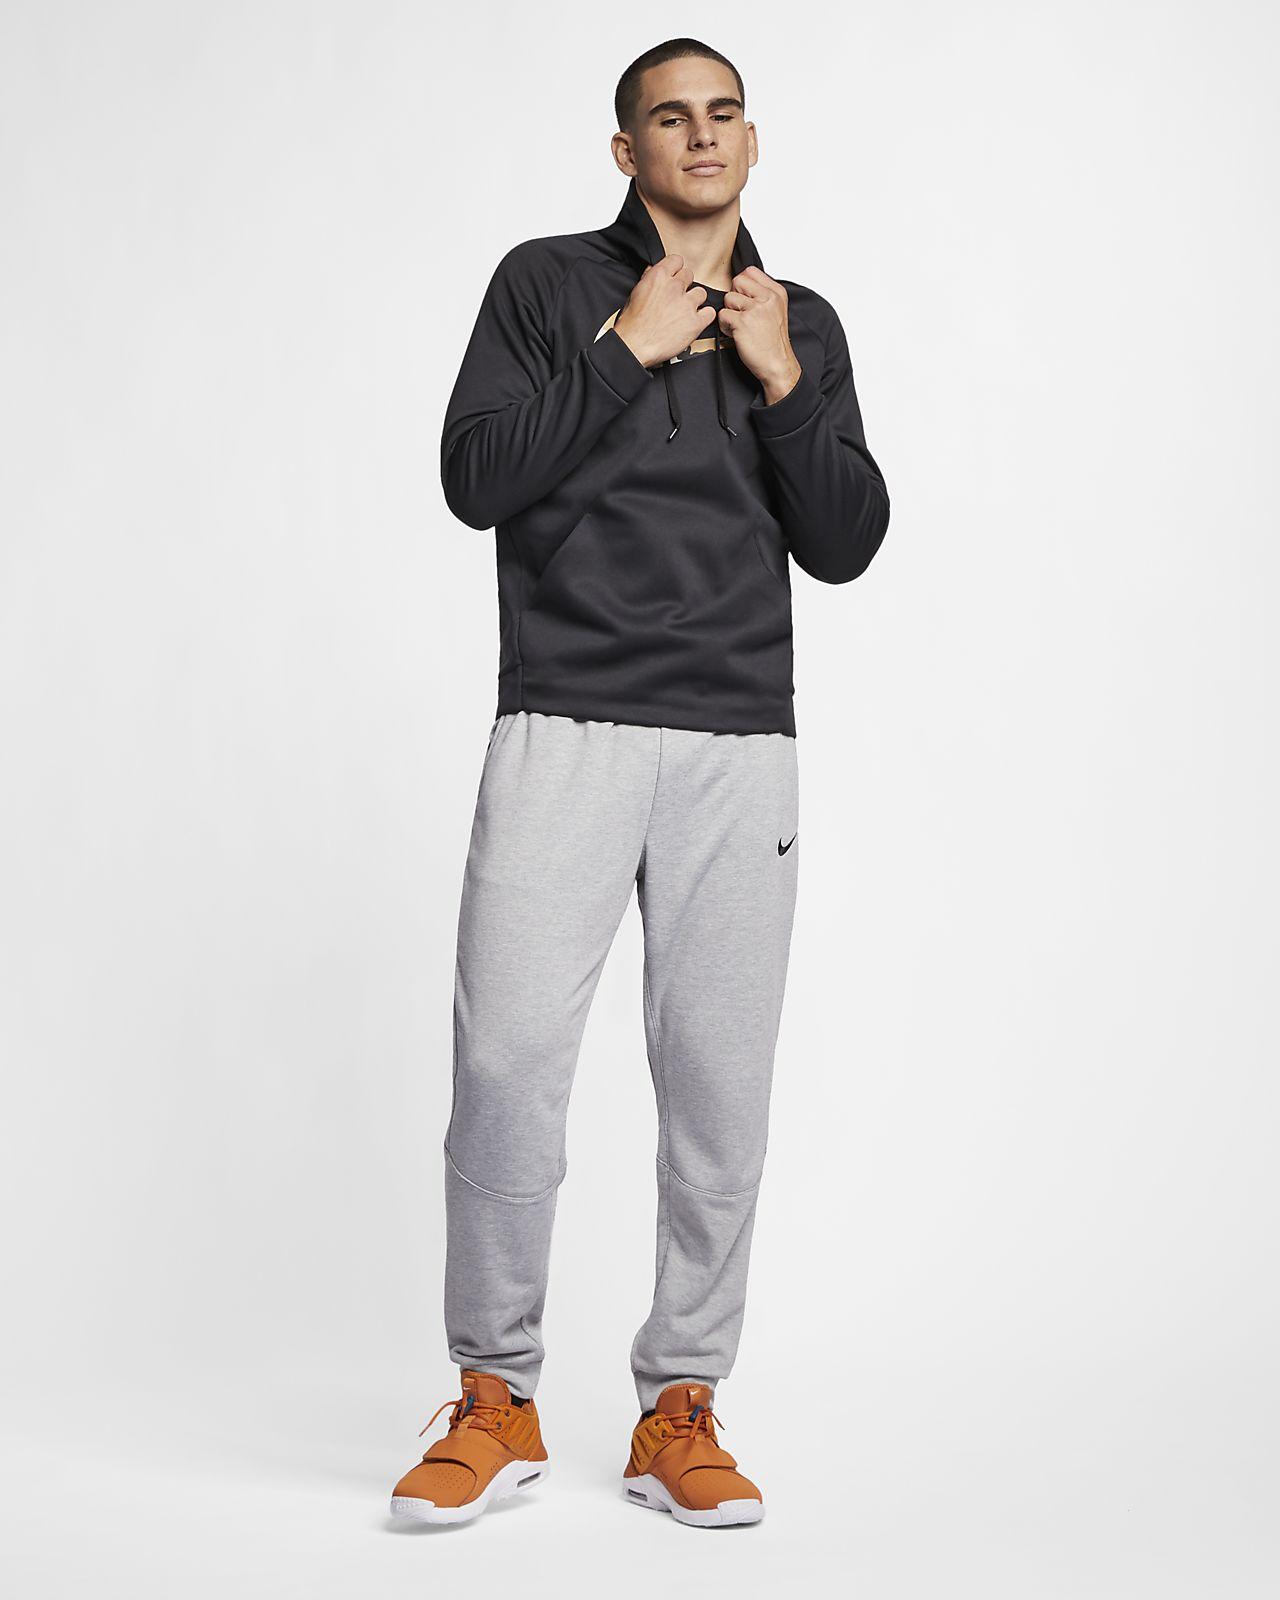 Męskie spodnie treningowe z dzianiny o zwężanym kroju Nike Dri-FIT